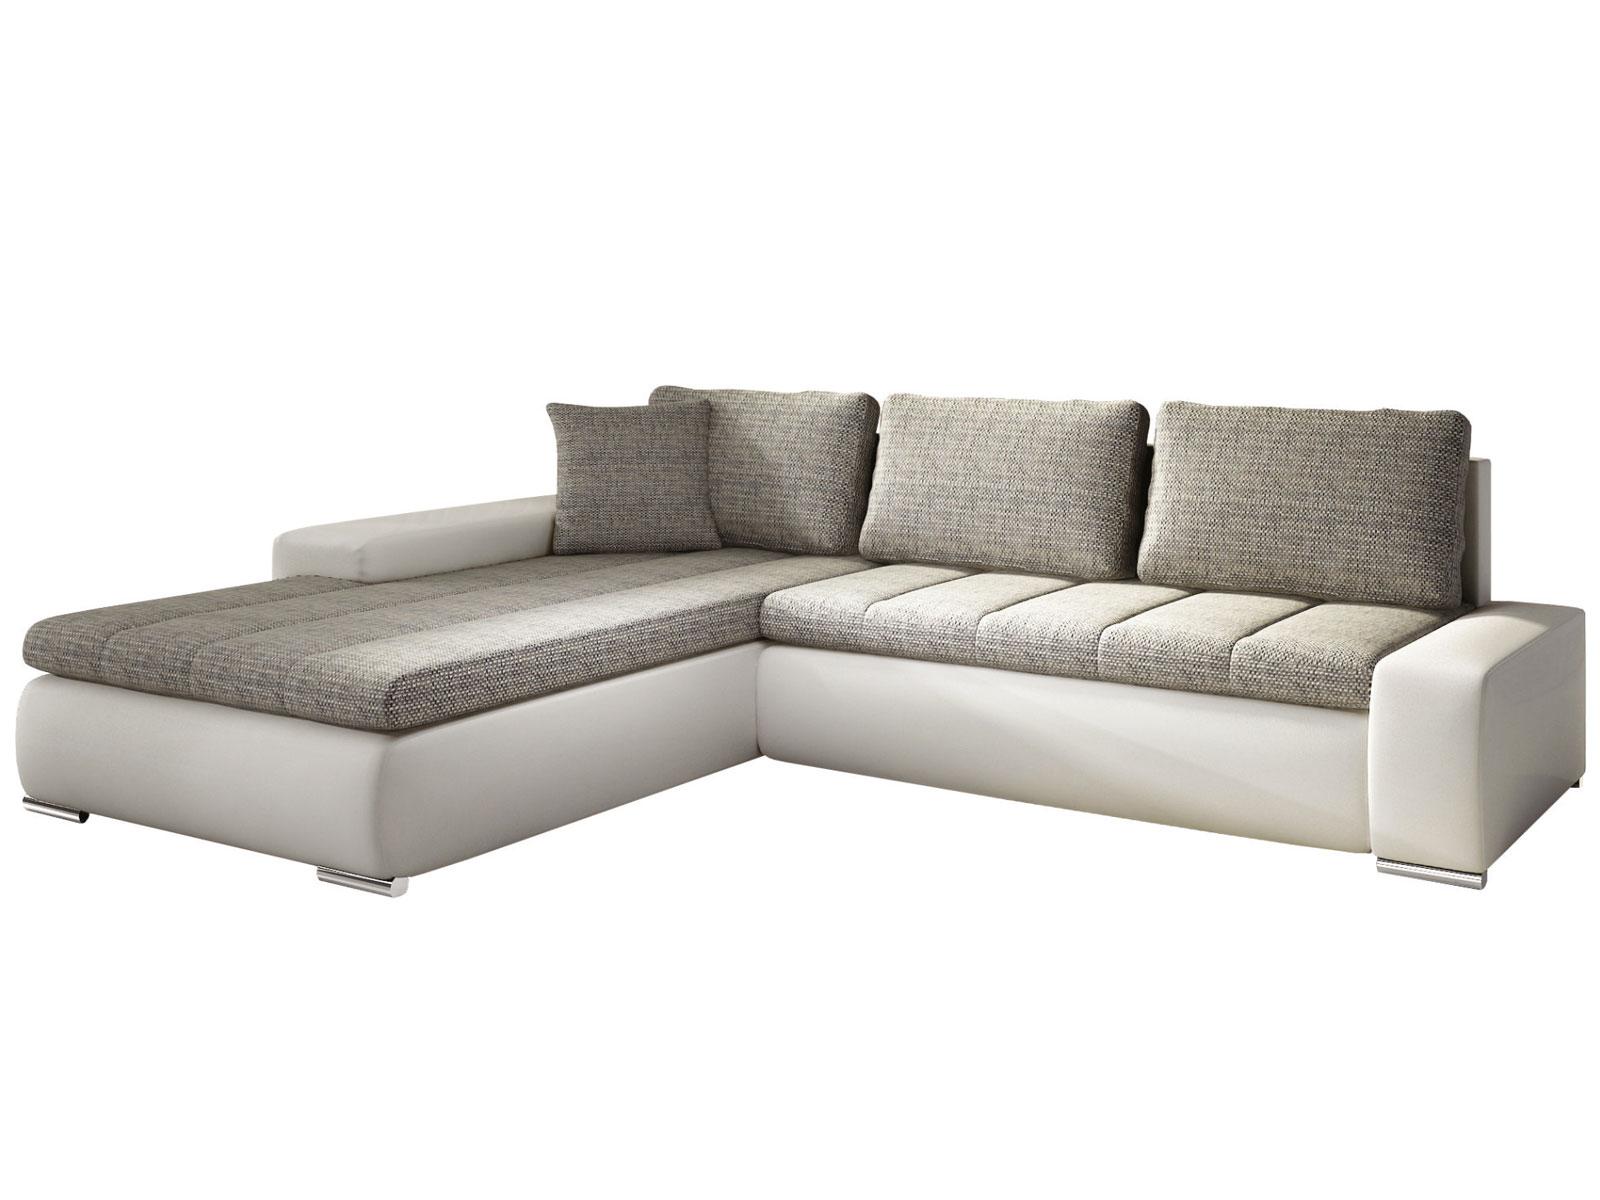 Rohová sedací souprava - Famm - Tivano béžová + koženka bílá (L)